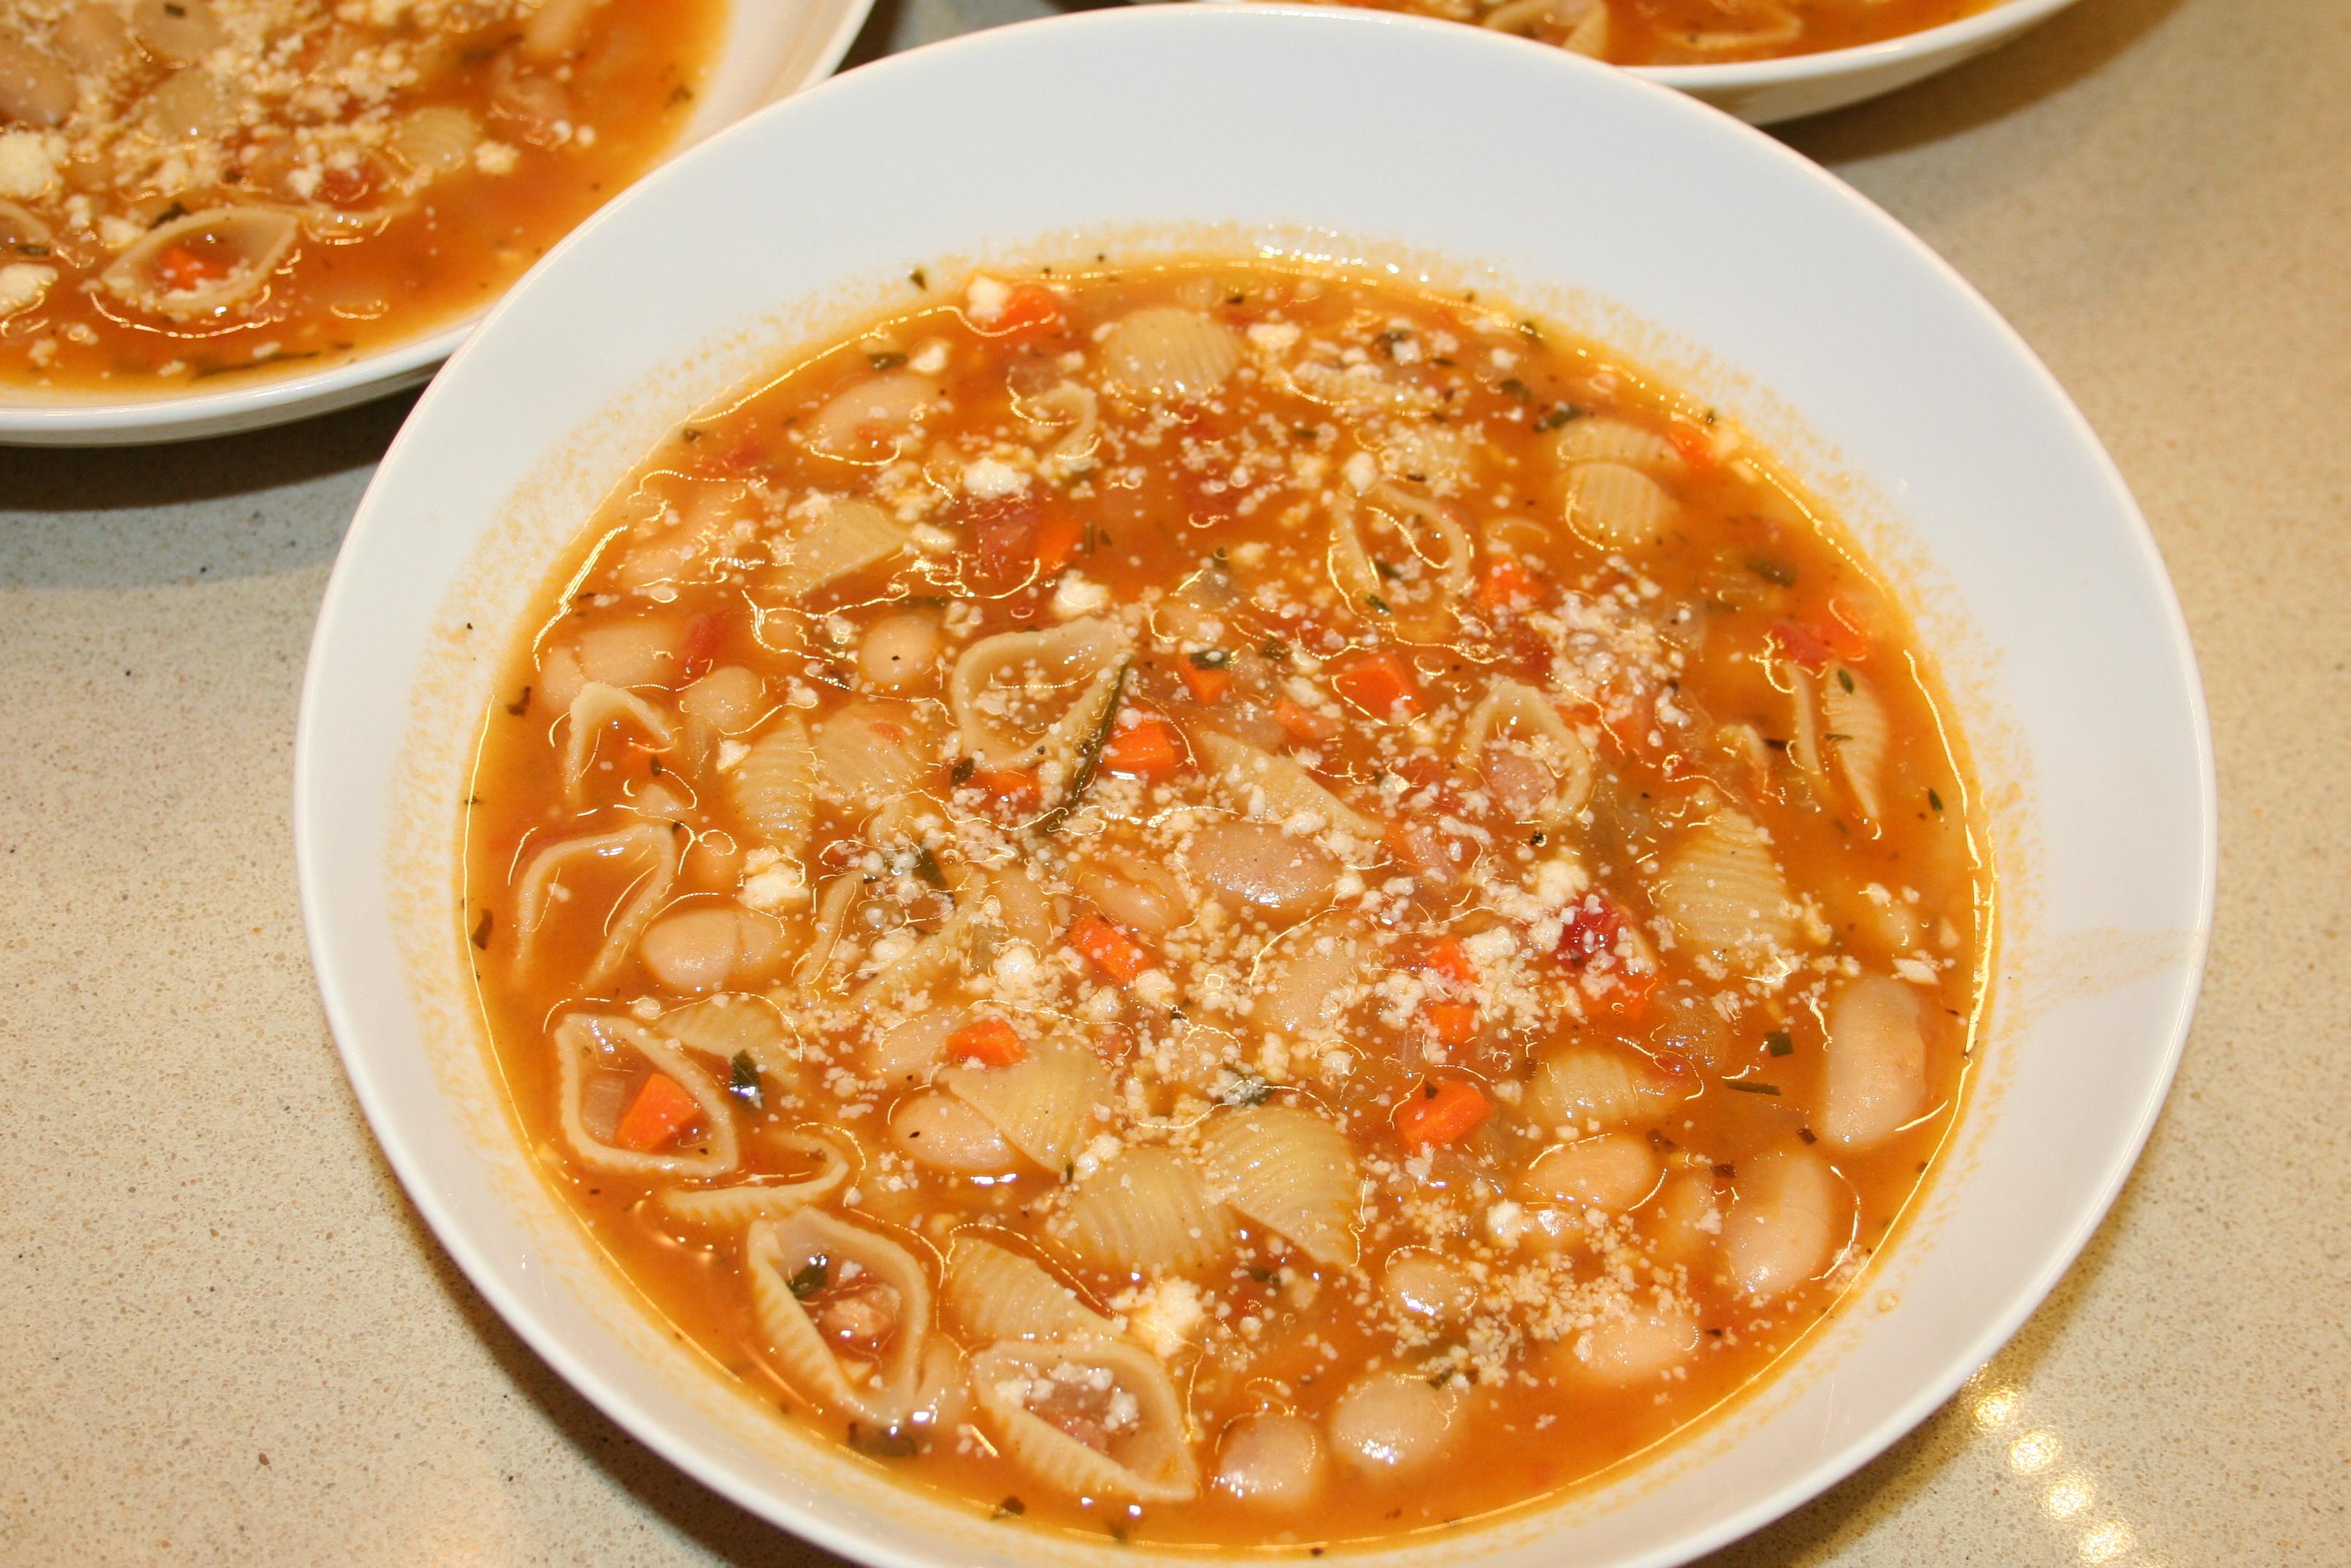 ... pasta e fagioli italian pasta fagioli soup by i ve slurped pasta e